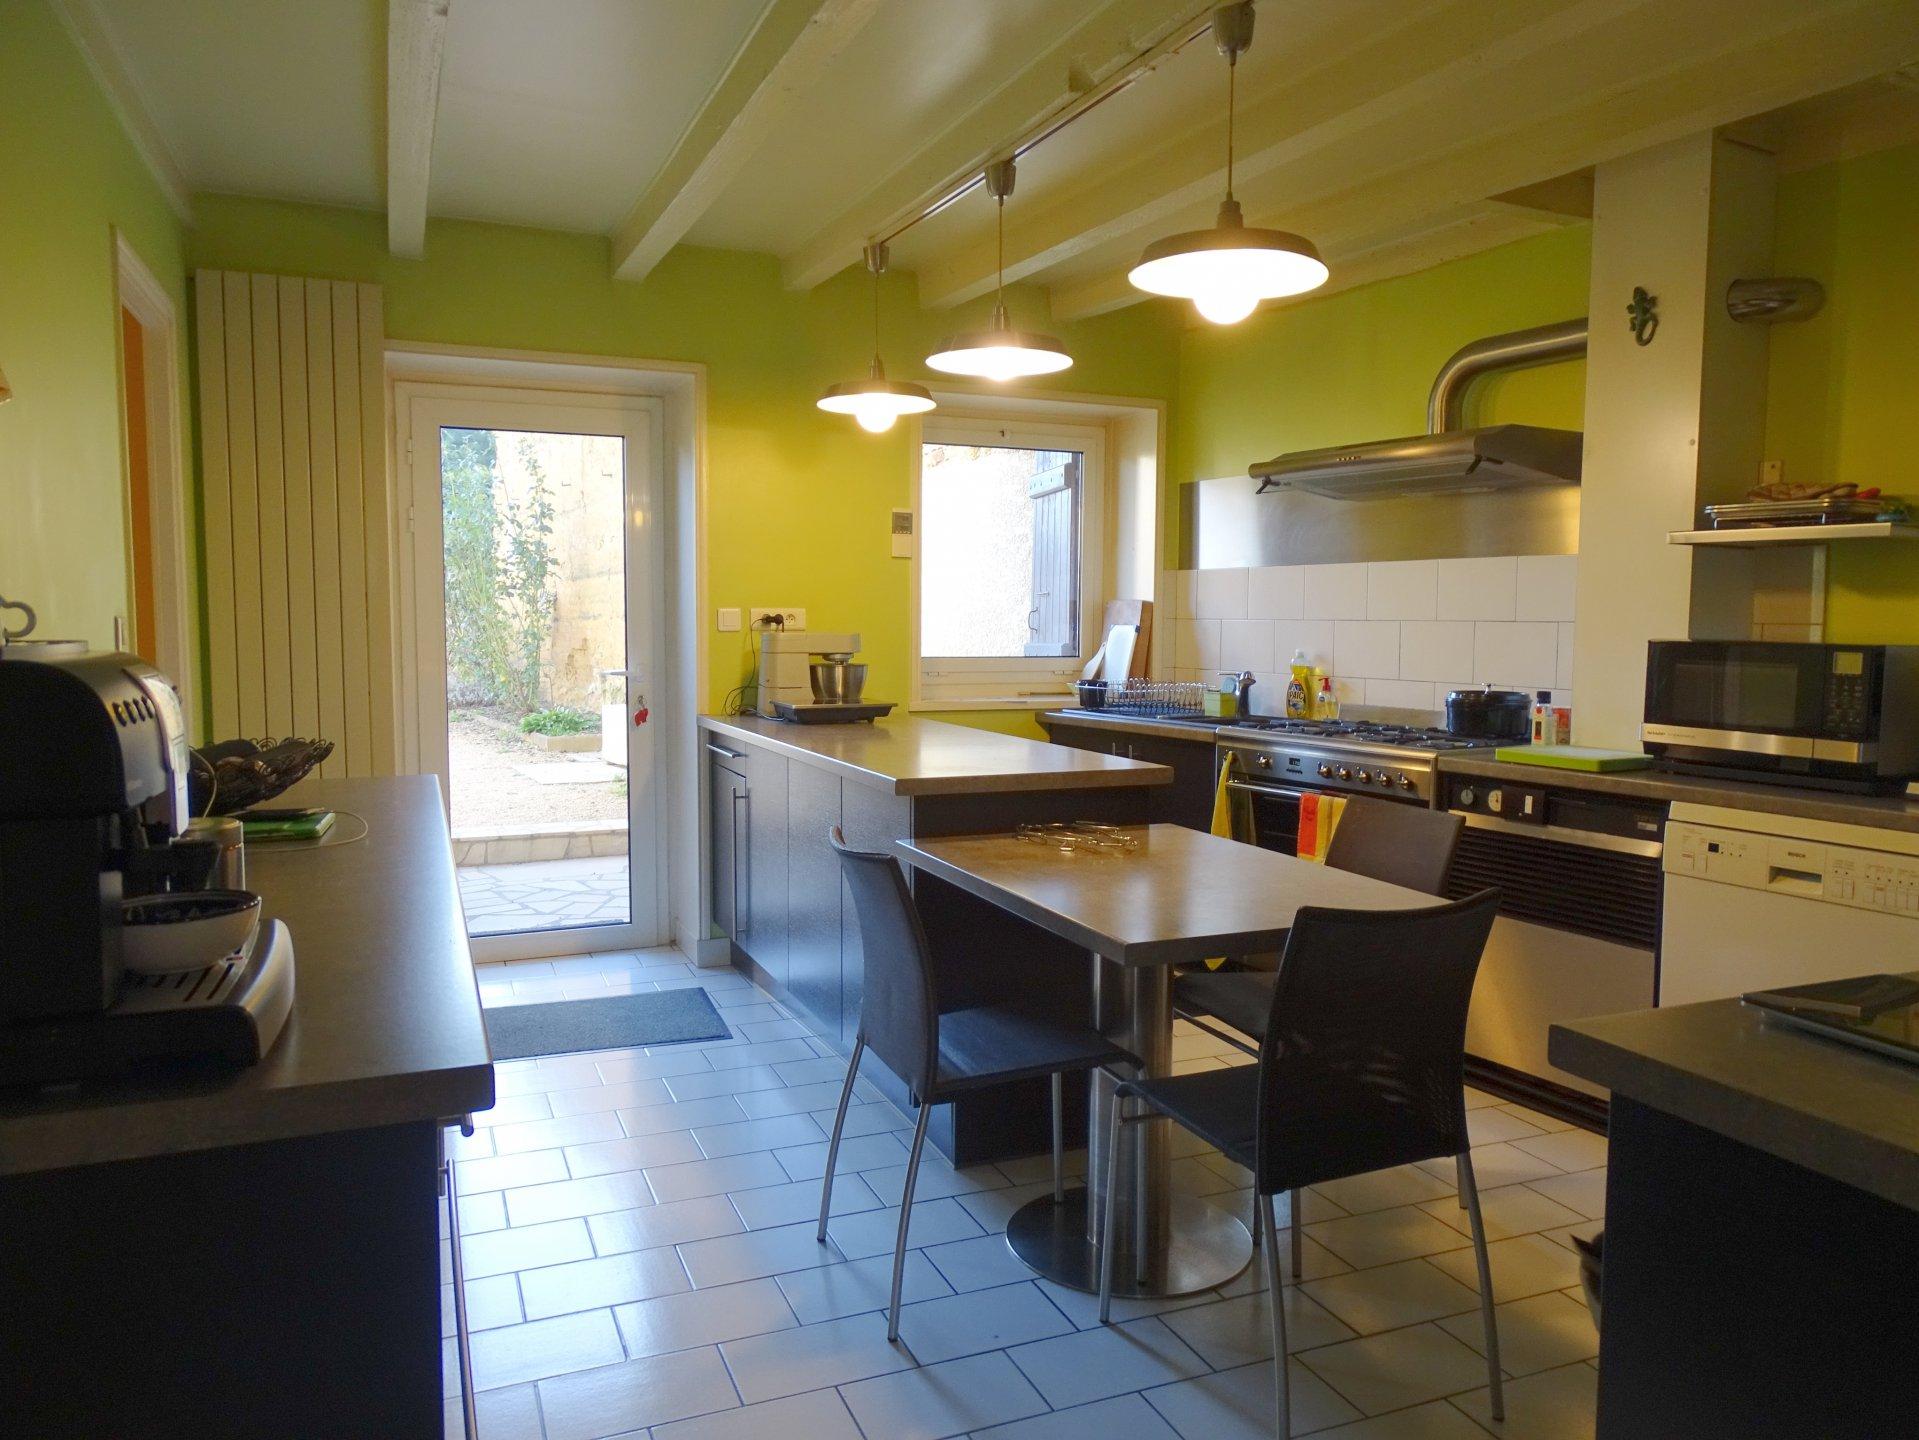 Mâcon sud - Proche de toutes les commodités, maison de caractère en parfait état! Elle se compose au rez de chaussée, d'une entrée desservant un salon avec cheminée, d'une salle à manger très lumineuse grâce à ses baies vitrées, d'une cuisine équipée et d'une buanderie. A l'étage, elle dispose d'une mezzanine avec vue sur le jardin, de trois belles chambres avec placard et dressing (près de 14, 17 et 25 m²) ainsi que d'une grande salle de douche moderne.  Cette belle maison s'ouvre sur un extérieur parfaitement aménagé avec une terrasse de 160 m² s'articulant autour d'une superbe piscine chauffée et son jardin arboré.  Pour finir, ce bien dispose d'une jolie cour gravillonnée avec dépendances et abri voiture.  Produit coup de c?ur! Honoraires à la charge des vendeurs.